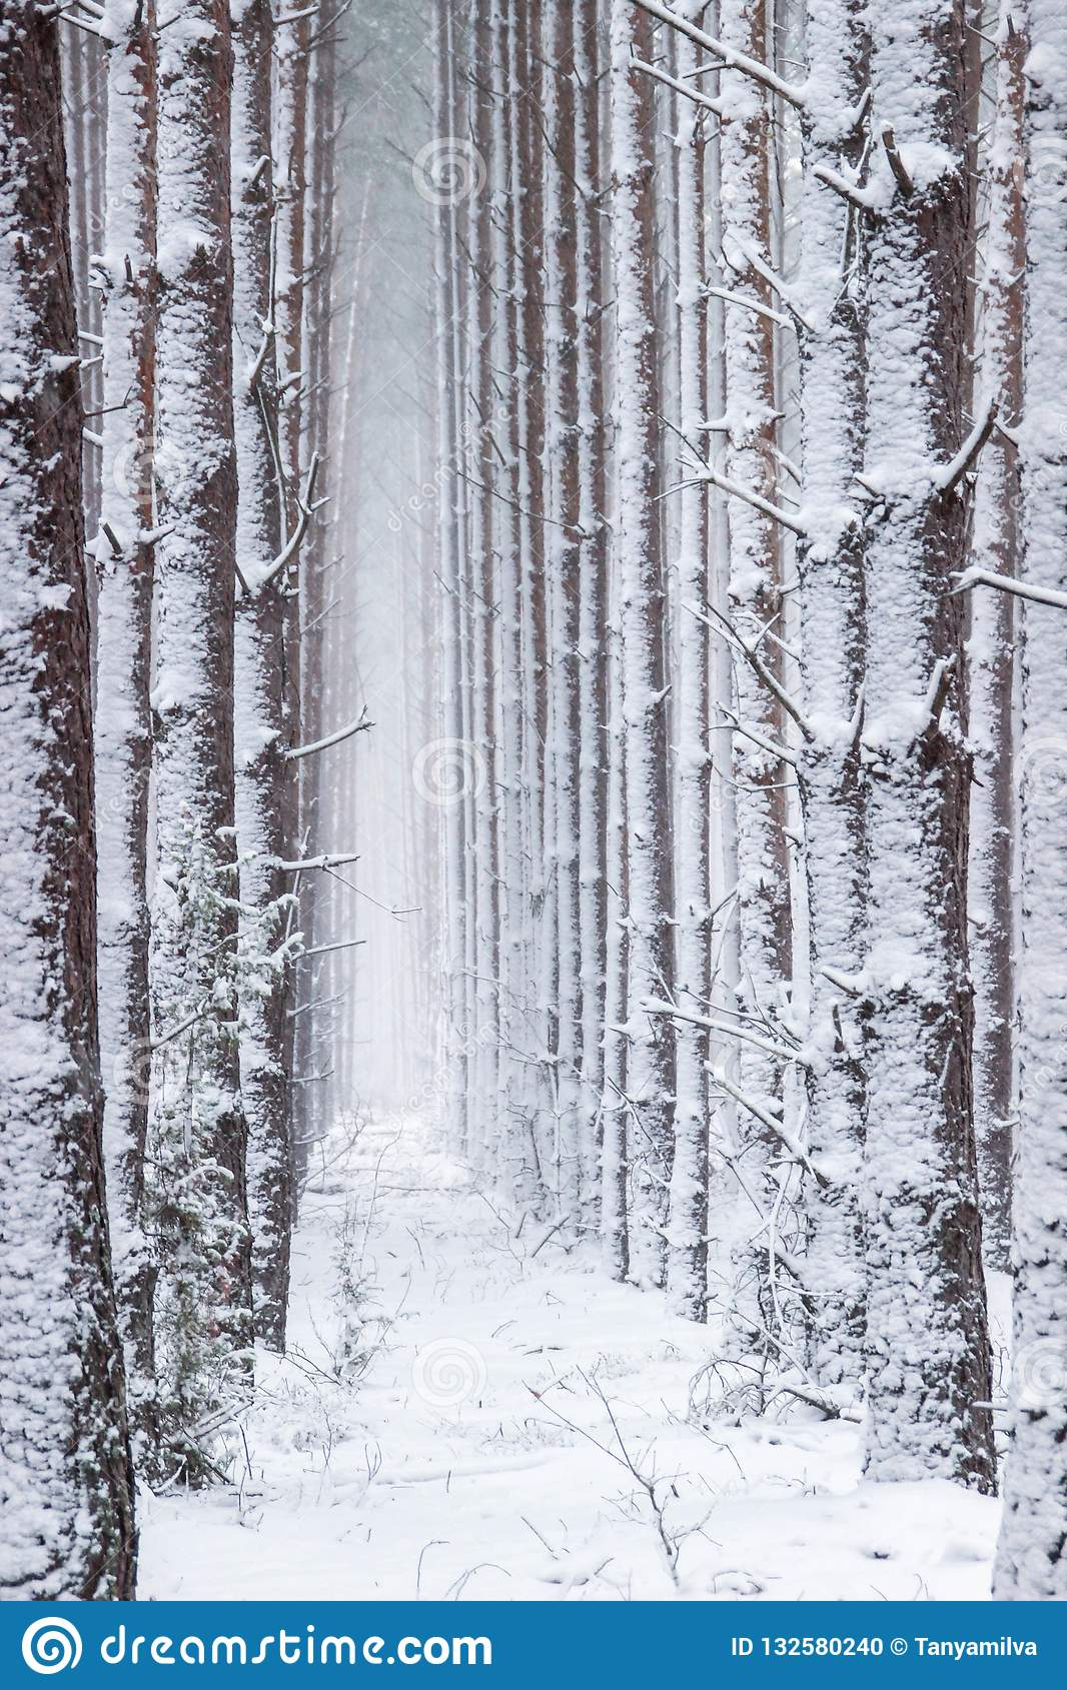 Atmosphärischer, magischer Weihnachtswinterwald voll des weißen Schnees